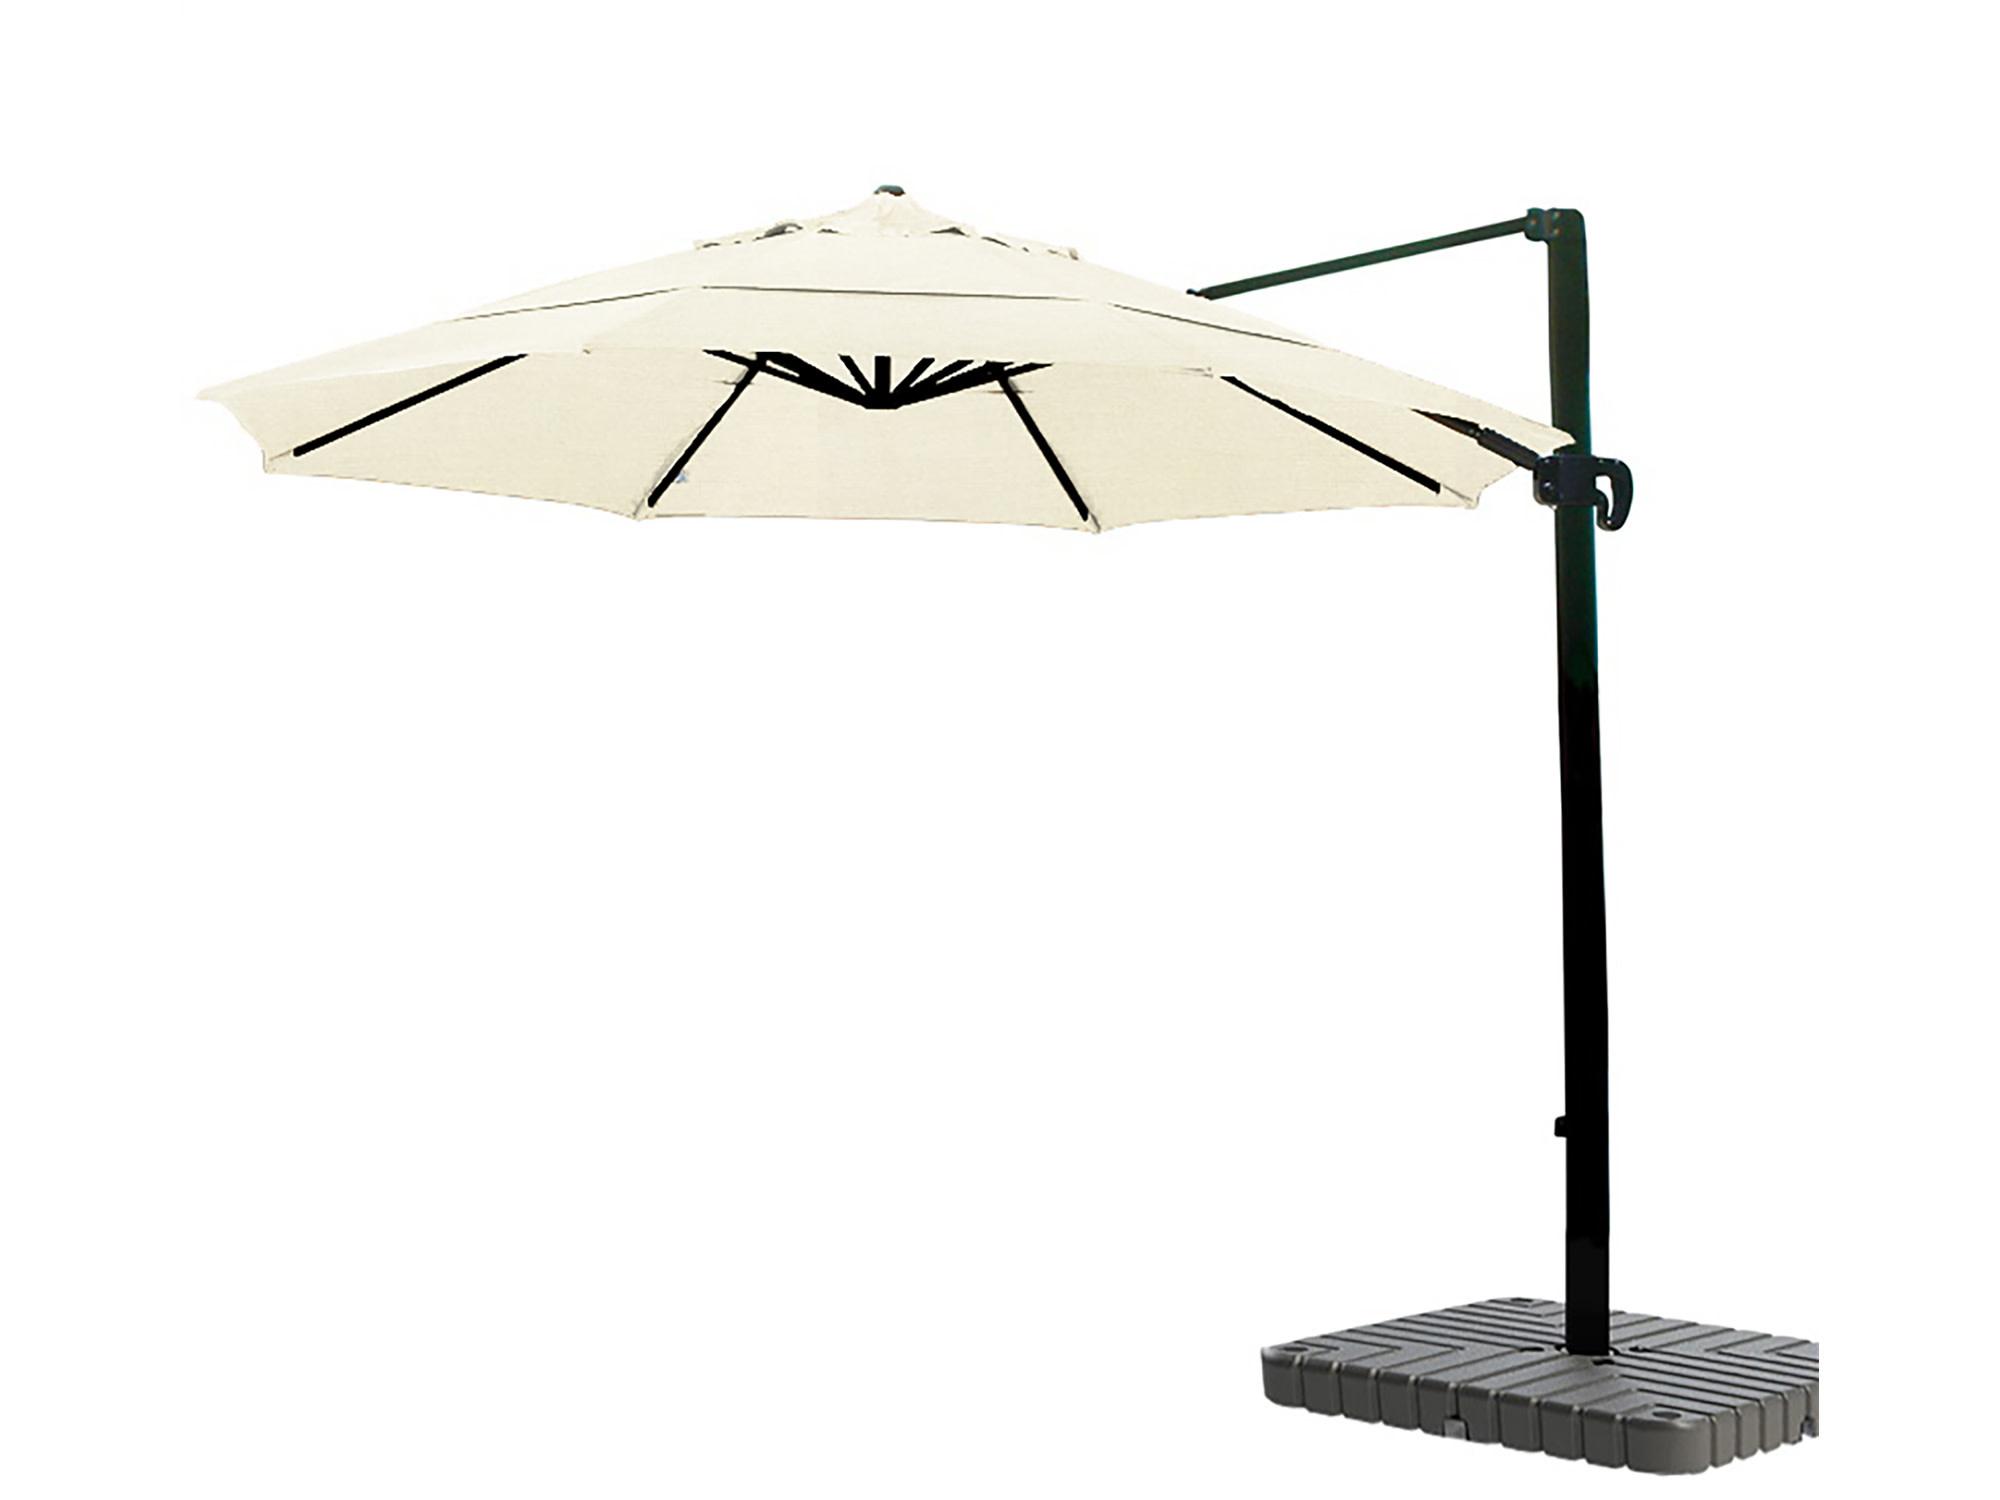 California Umbrella 11' Cantilever Crank Lift Bronze Patio Umbrella Canvas